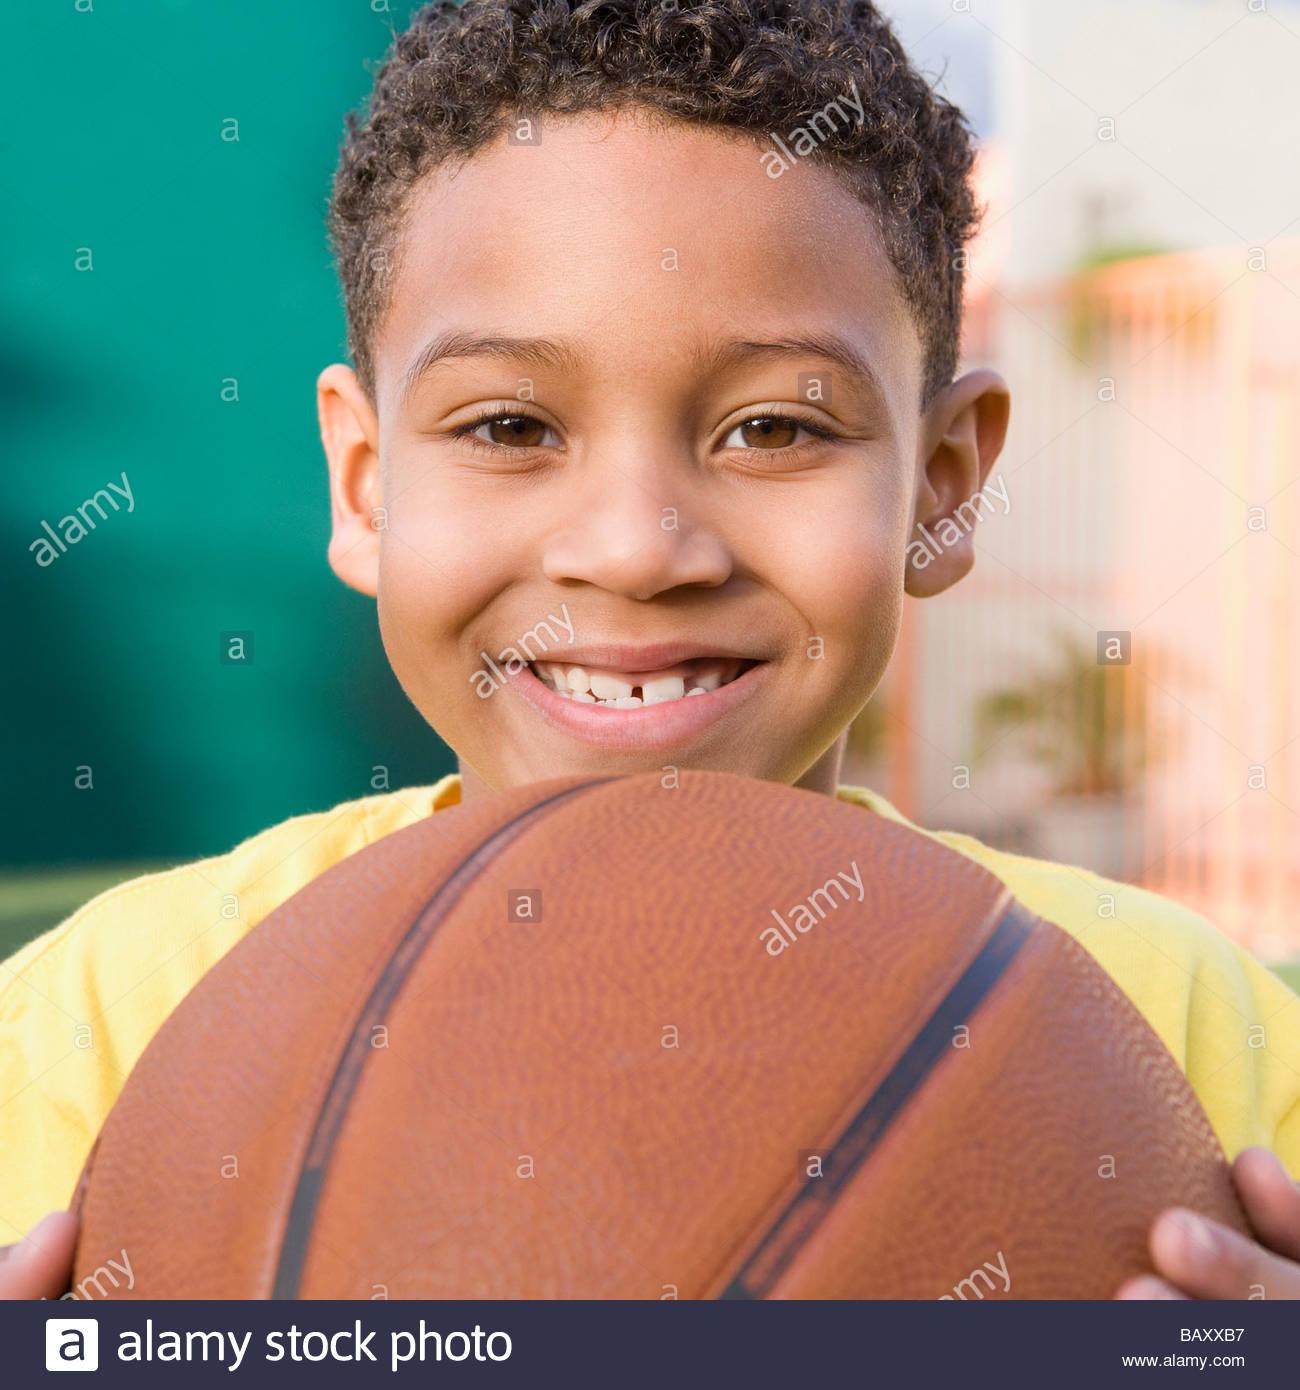 Smiling boy holding basketball Stock Photo